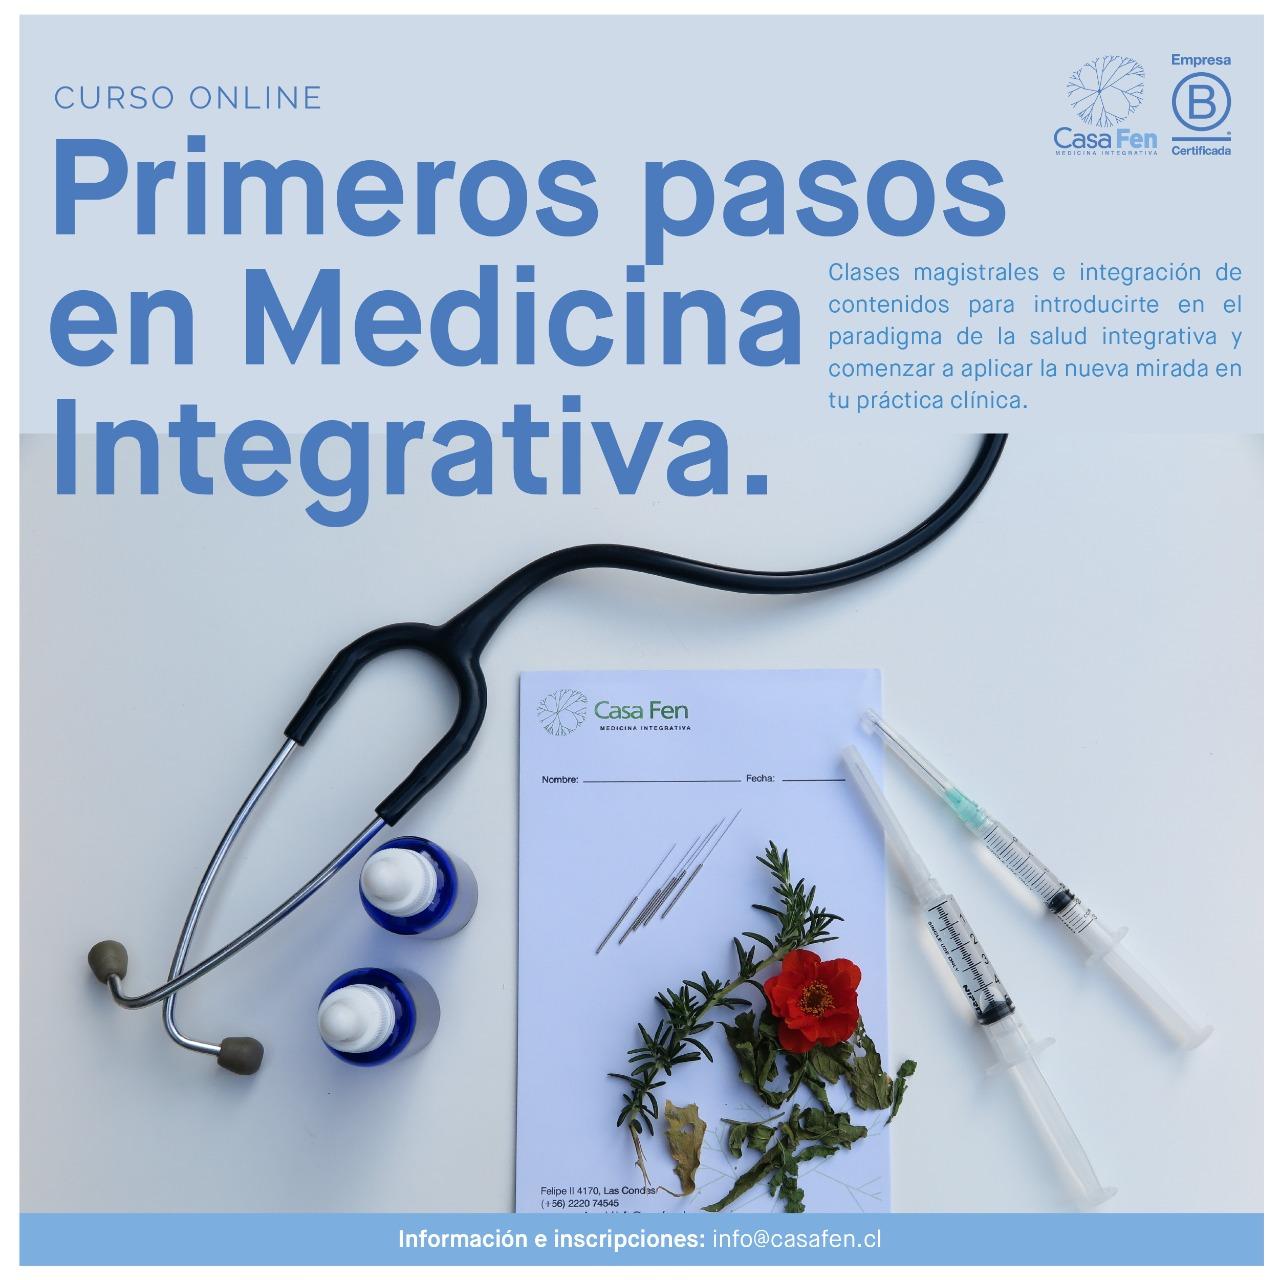 Curso online primeros pasos en medicina integrativa - CasaFen